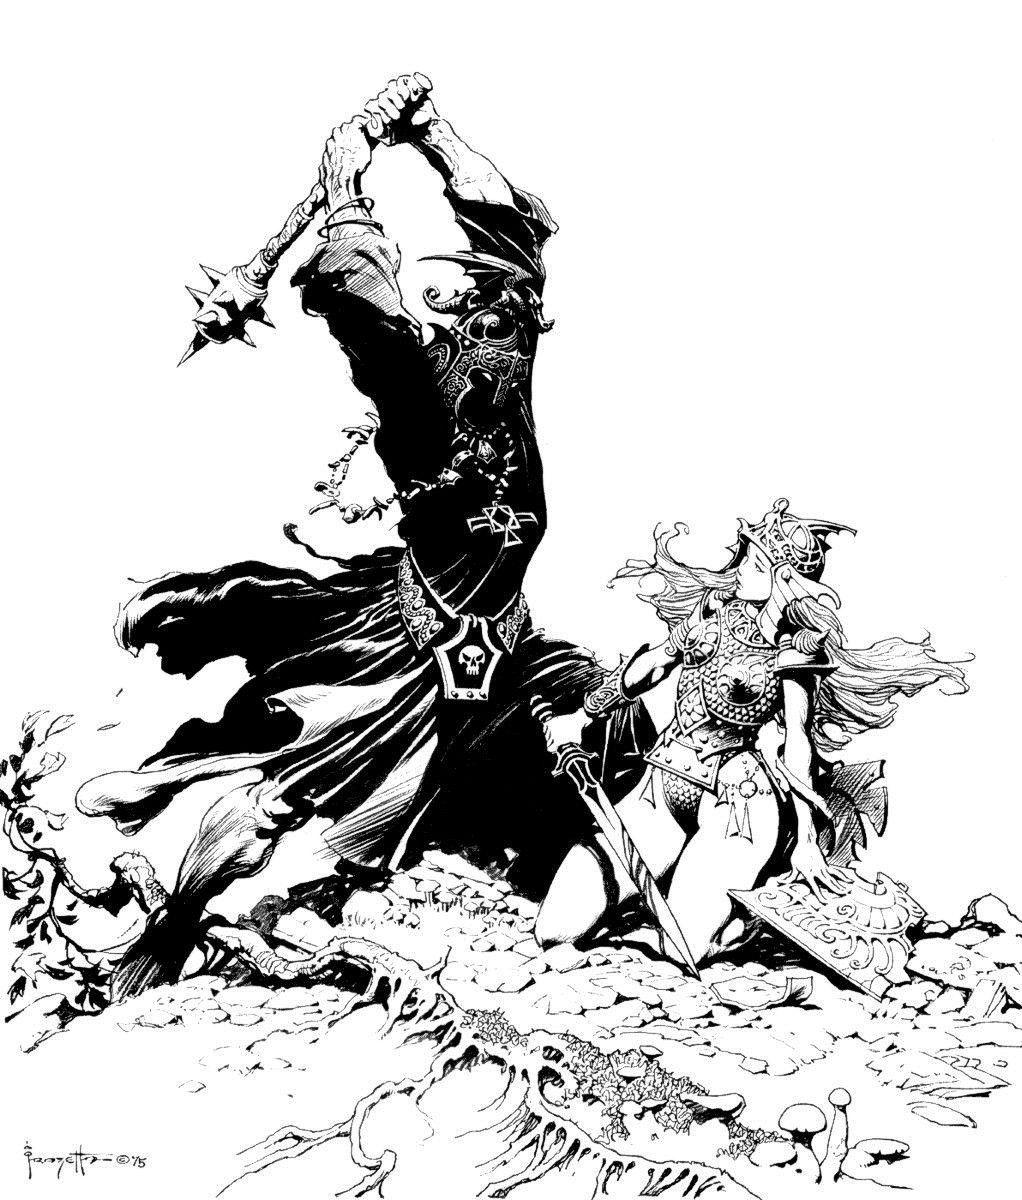 https://leiulf.files.wordpress.com/2013/02/frank_frazetta_bw_witch-king.jpg?w=1022